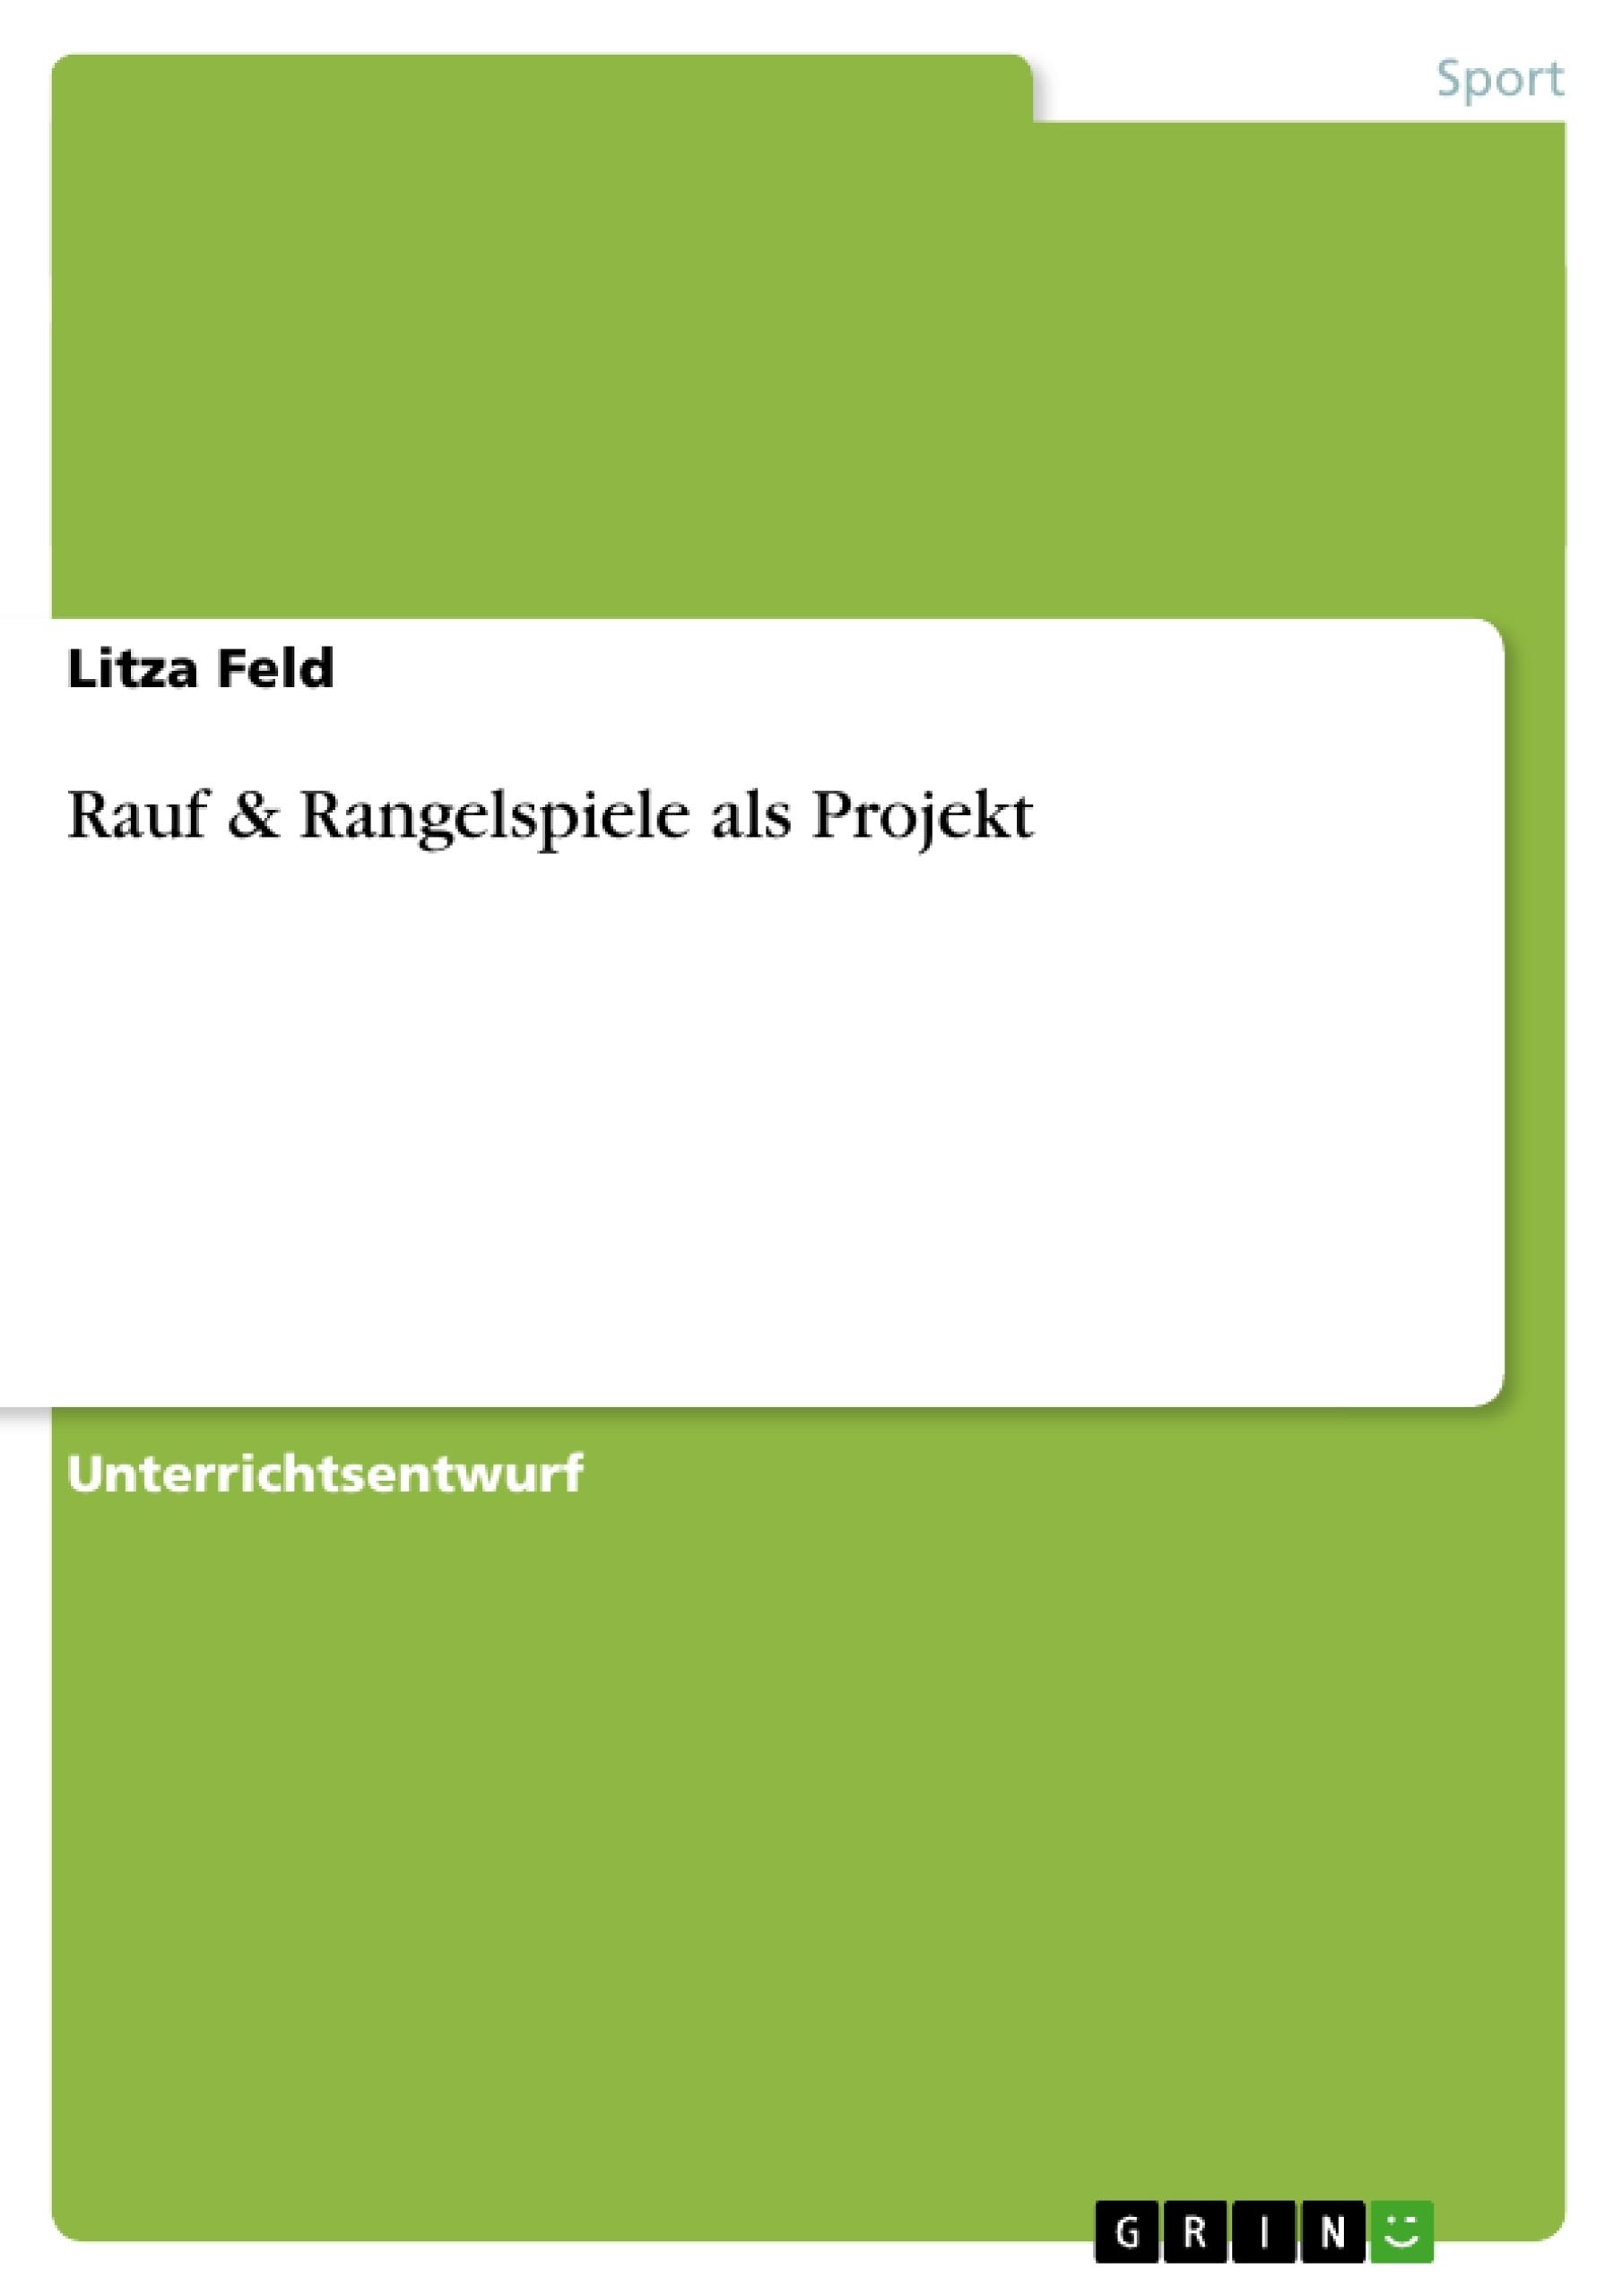 Titel: Rauf & Rangelspiele als Projekt